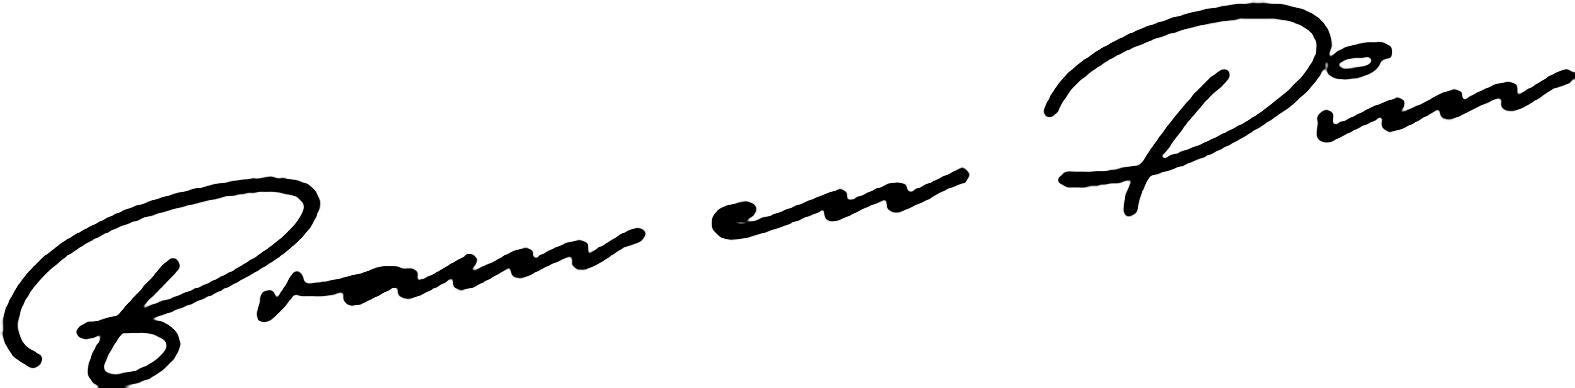 Handtekening Gasten van Hout